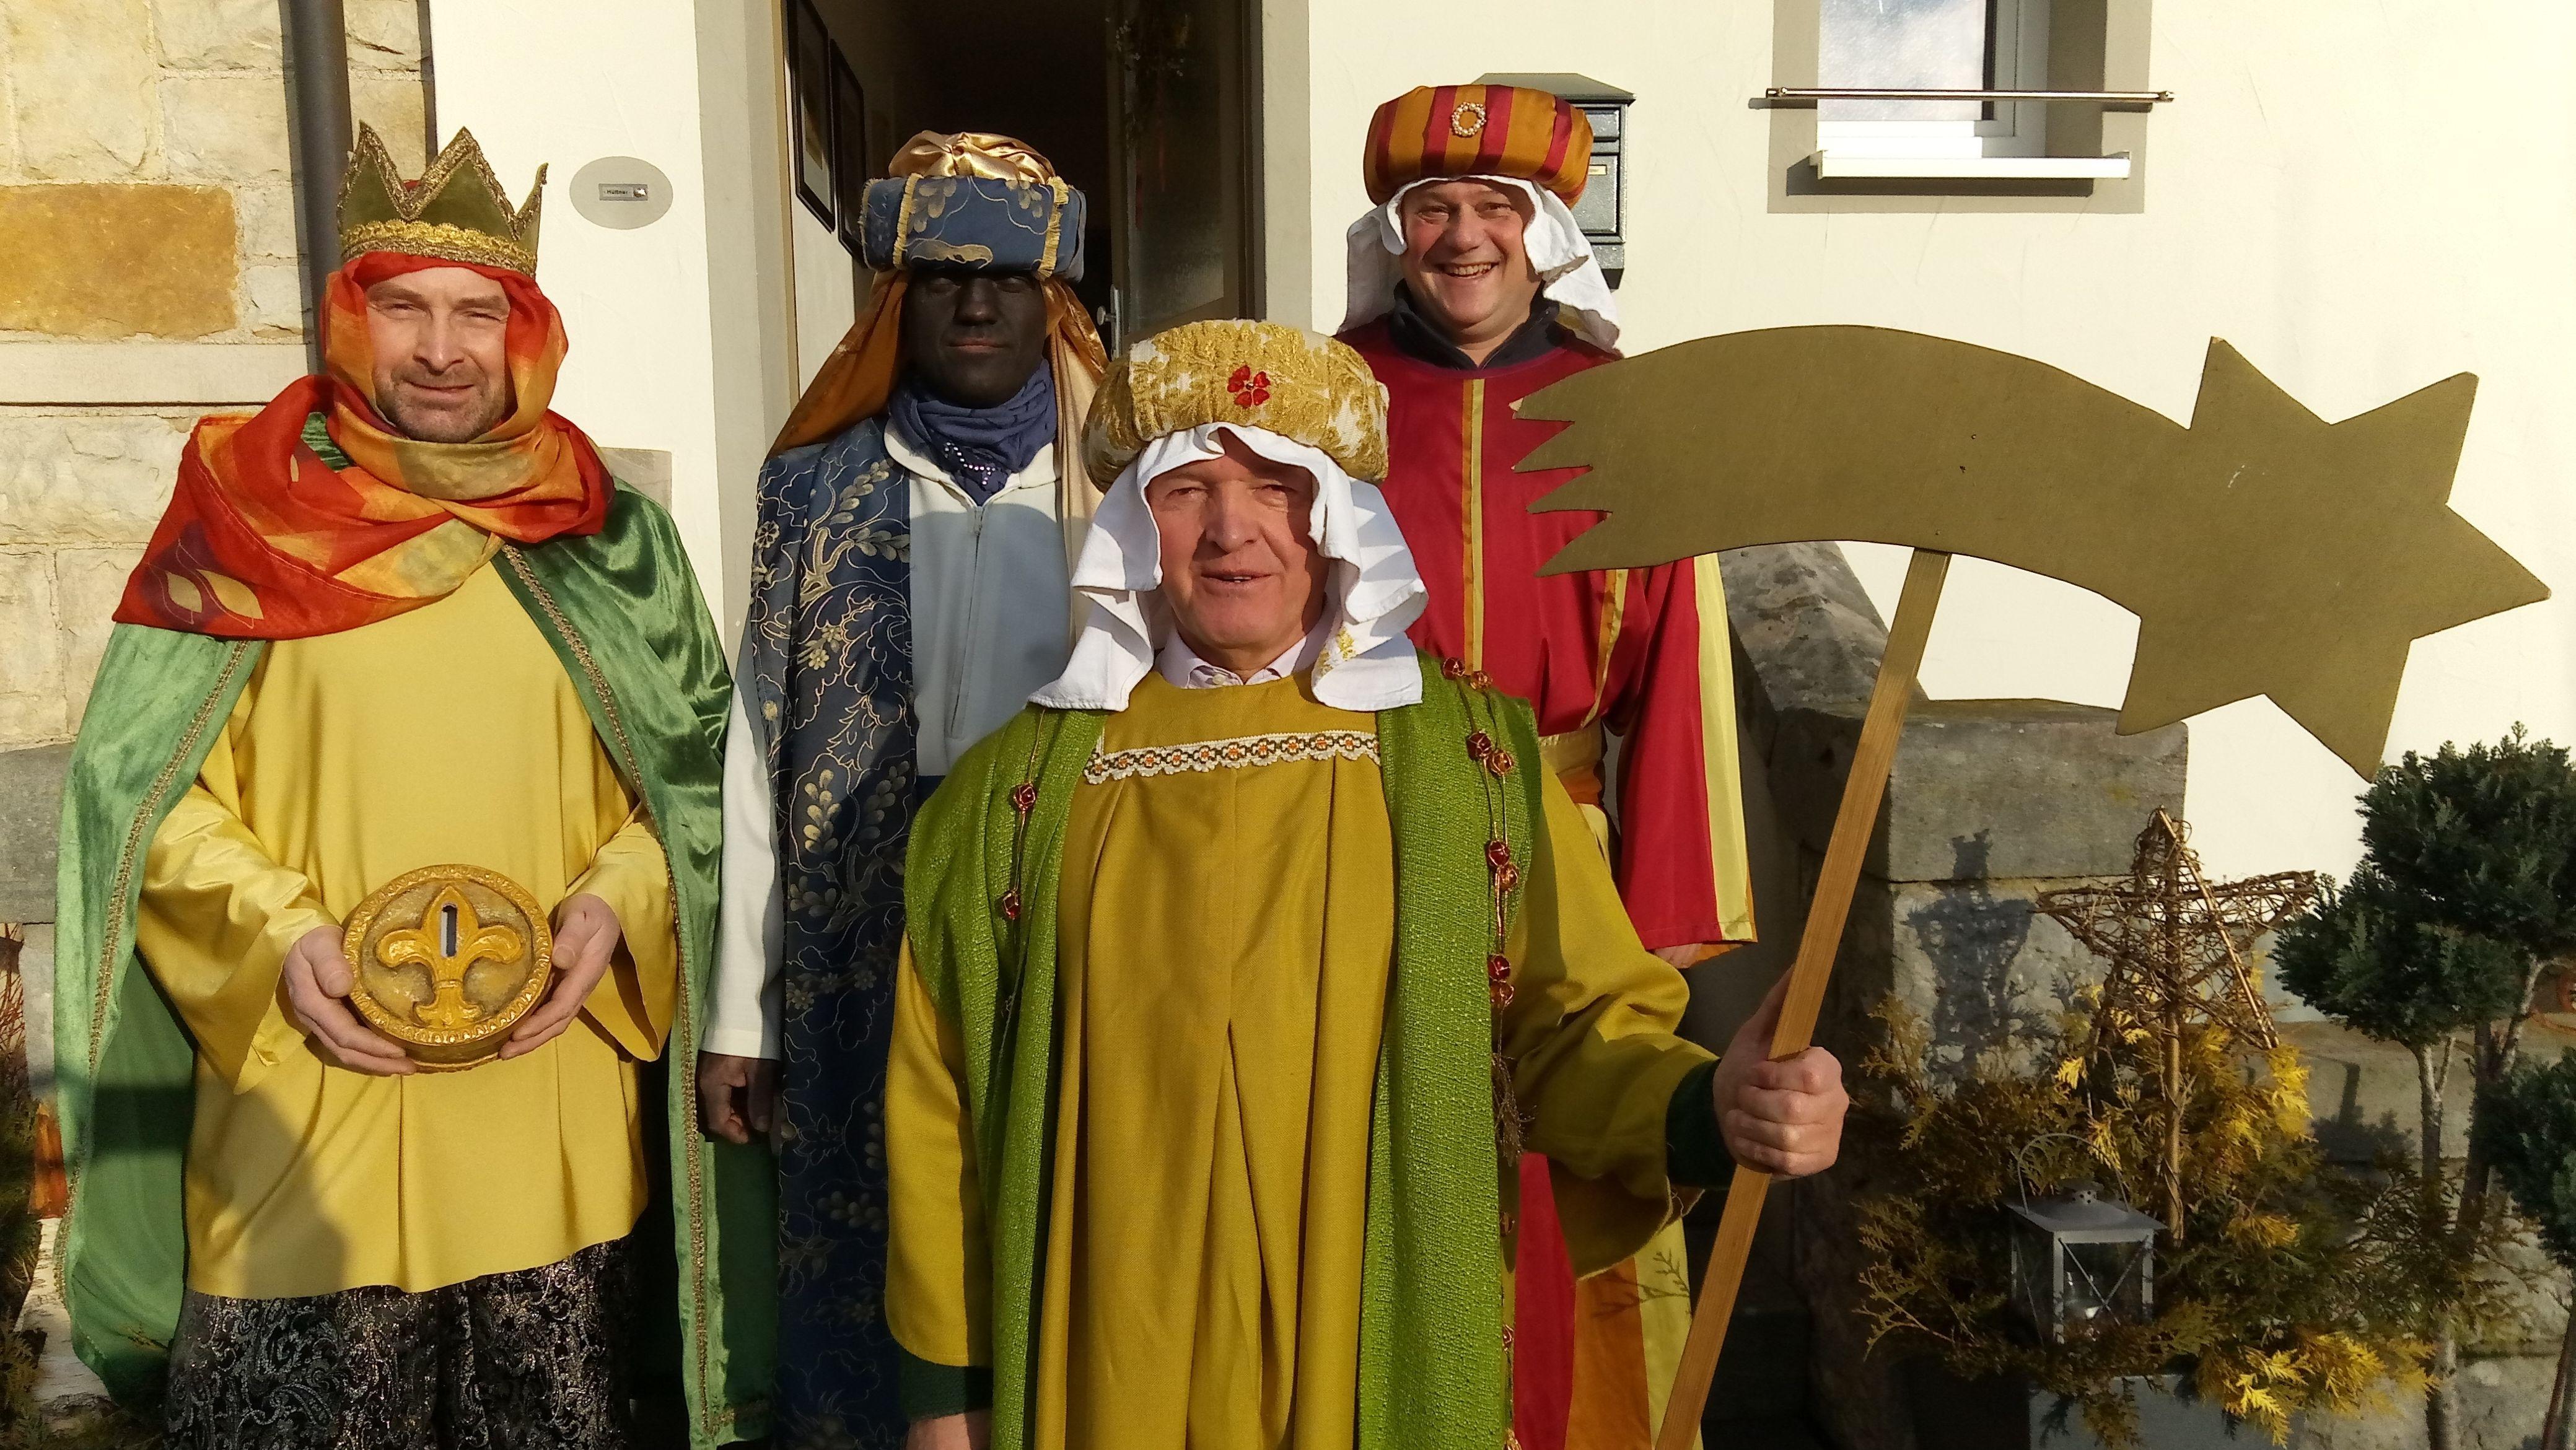 Thomas Habermann (vorne), Landrat von Rhön-Grabfeld, zog am Dreikönigstag als Sternsinger um den Kreuzberg. Unterstütz wurde er vom Bischofsheimer Bürgermeister Georg Seiffert (rechts) sowie von Mathias Hüttner und Georg Kirchner (Liedertafel Bischofsheim)